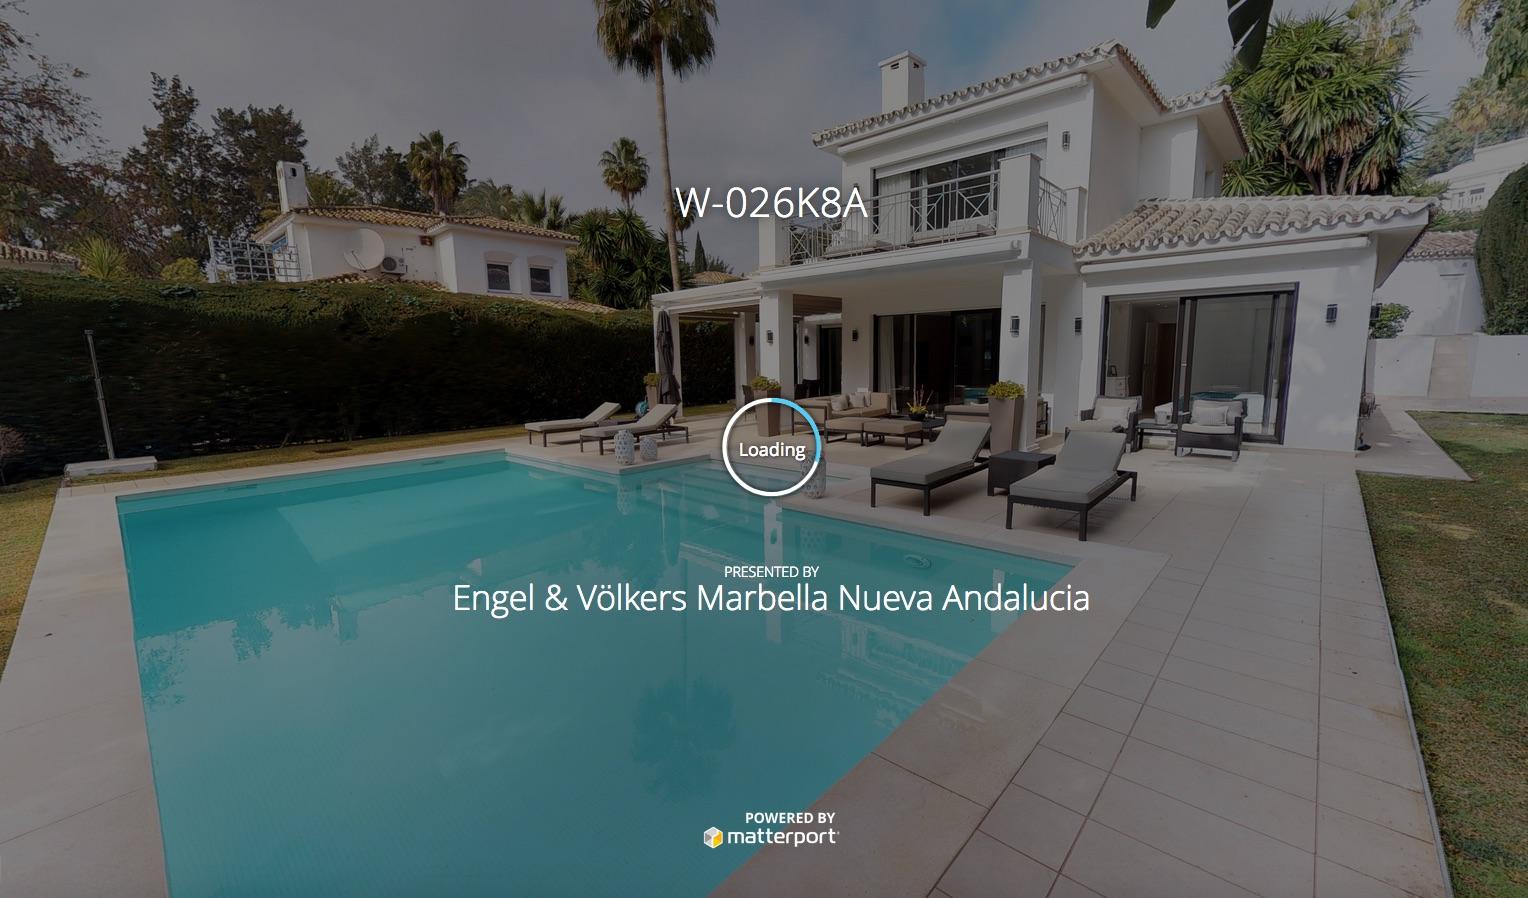 Quicker successful property sale in Marbella